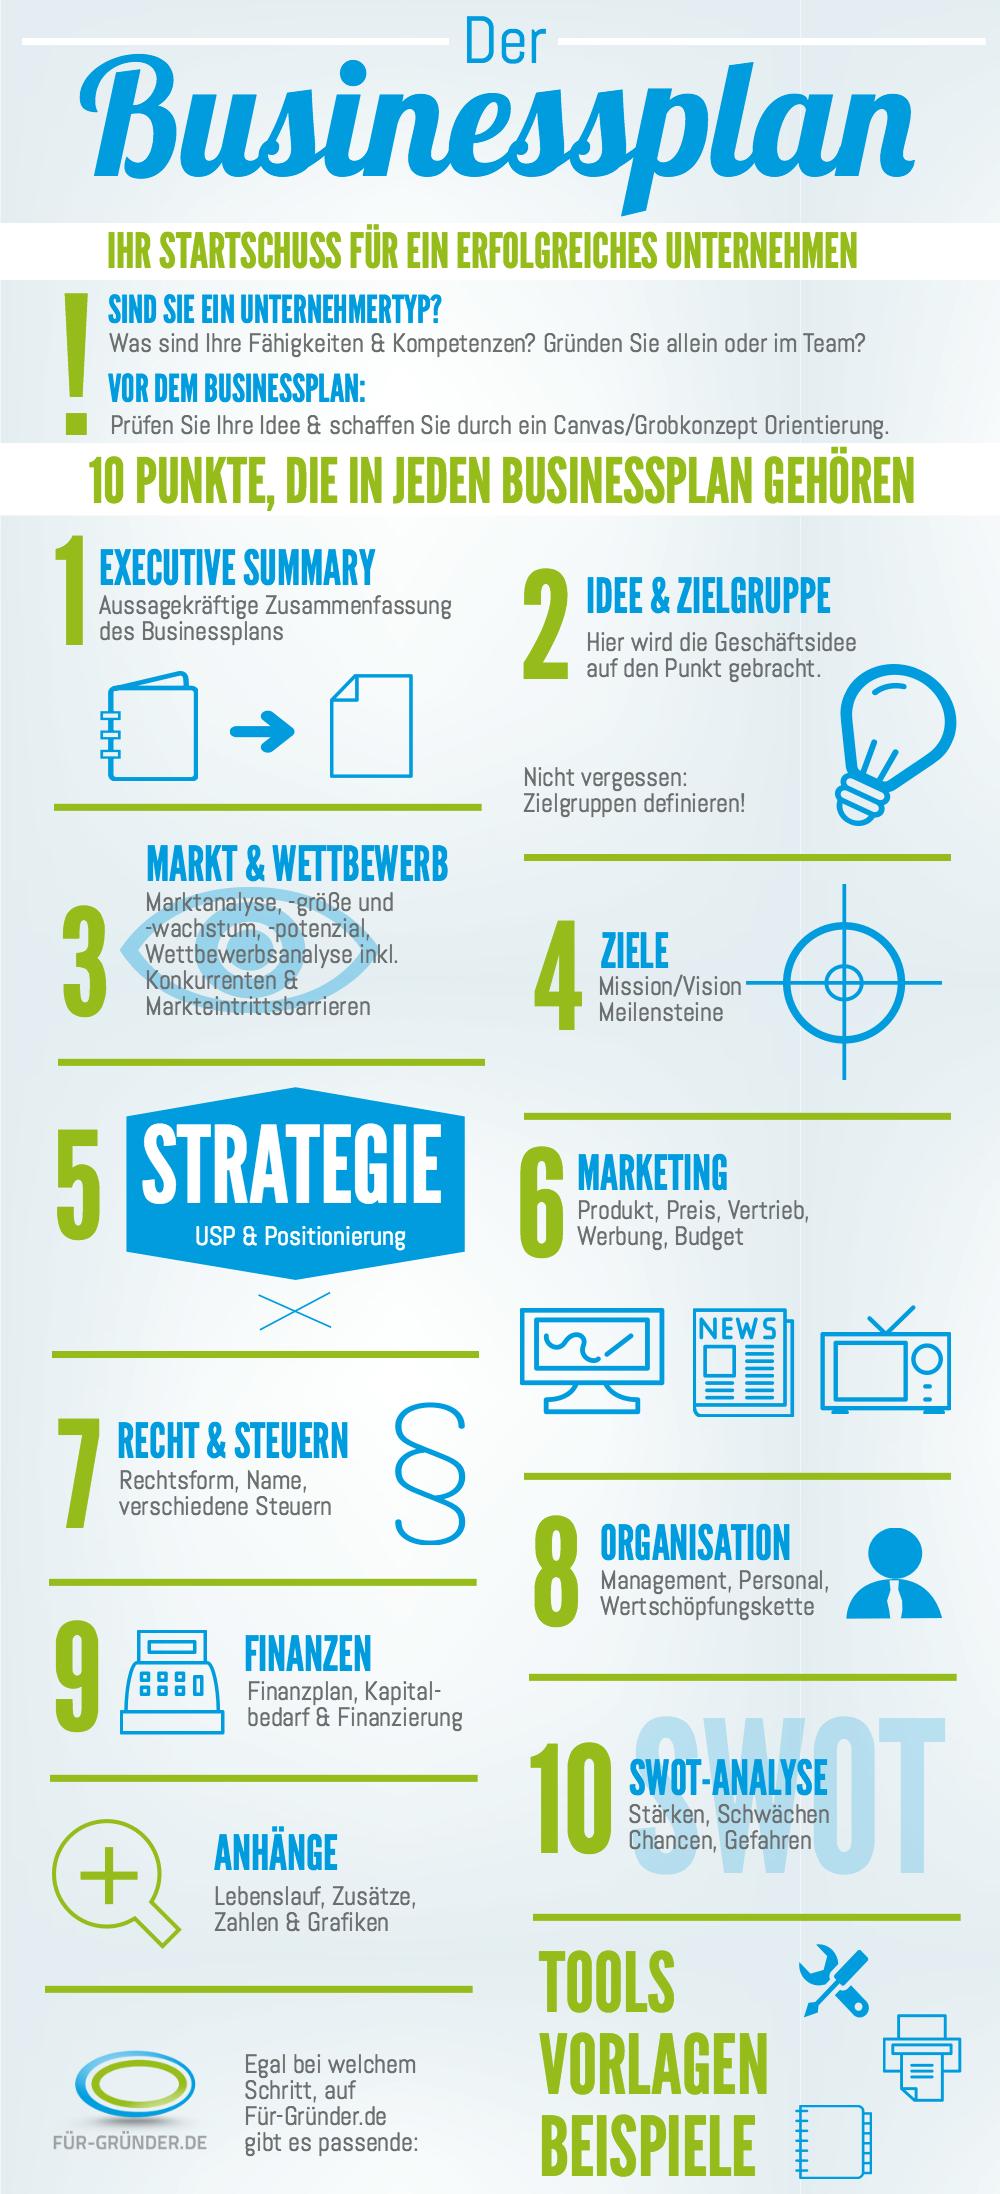 Infografik: 10 Punkte, die in jeden Businessplan gehören ...